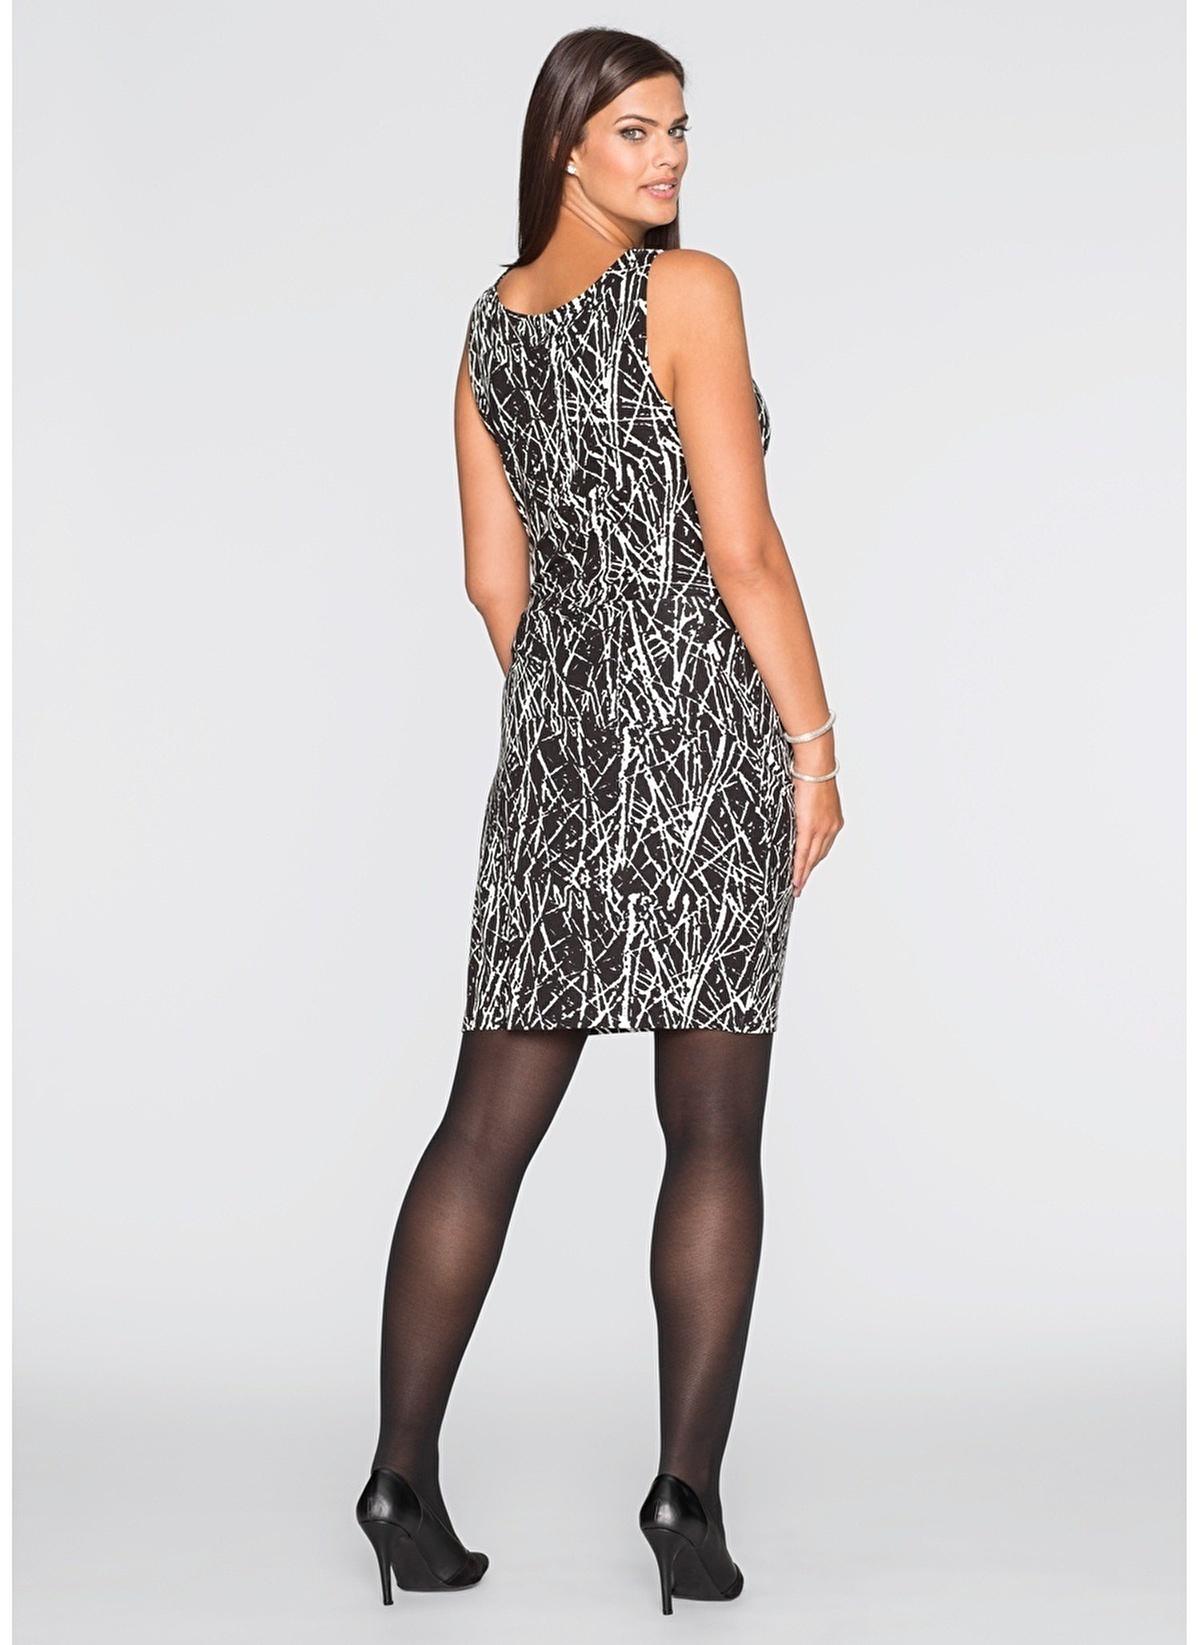 d3938daf8b694 Bonprix Express Kadın Büyük Beden Elbise Siyah | Morhipo | 17175407